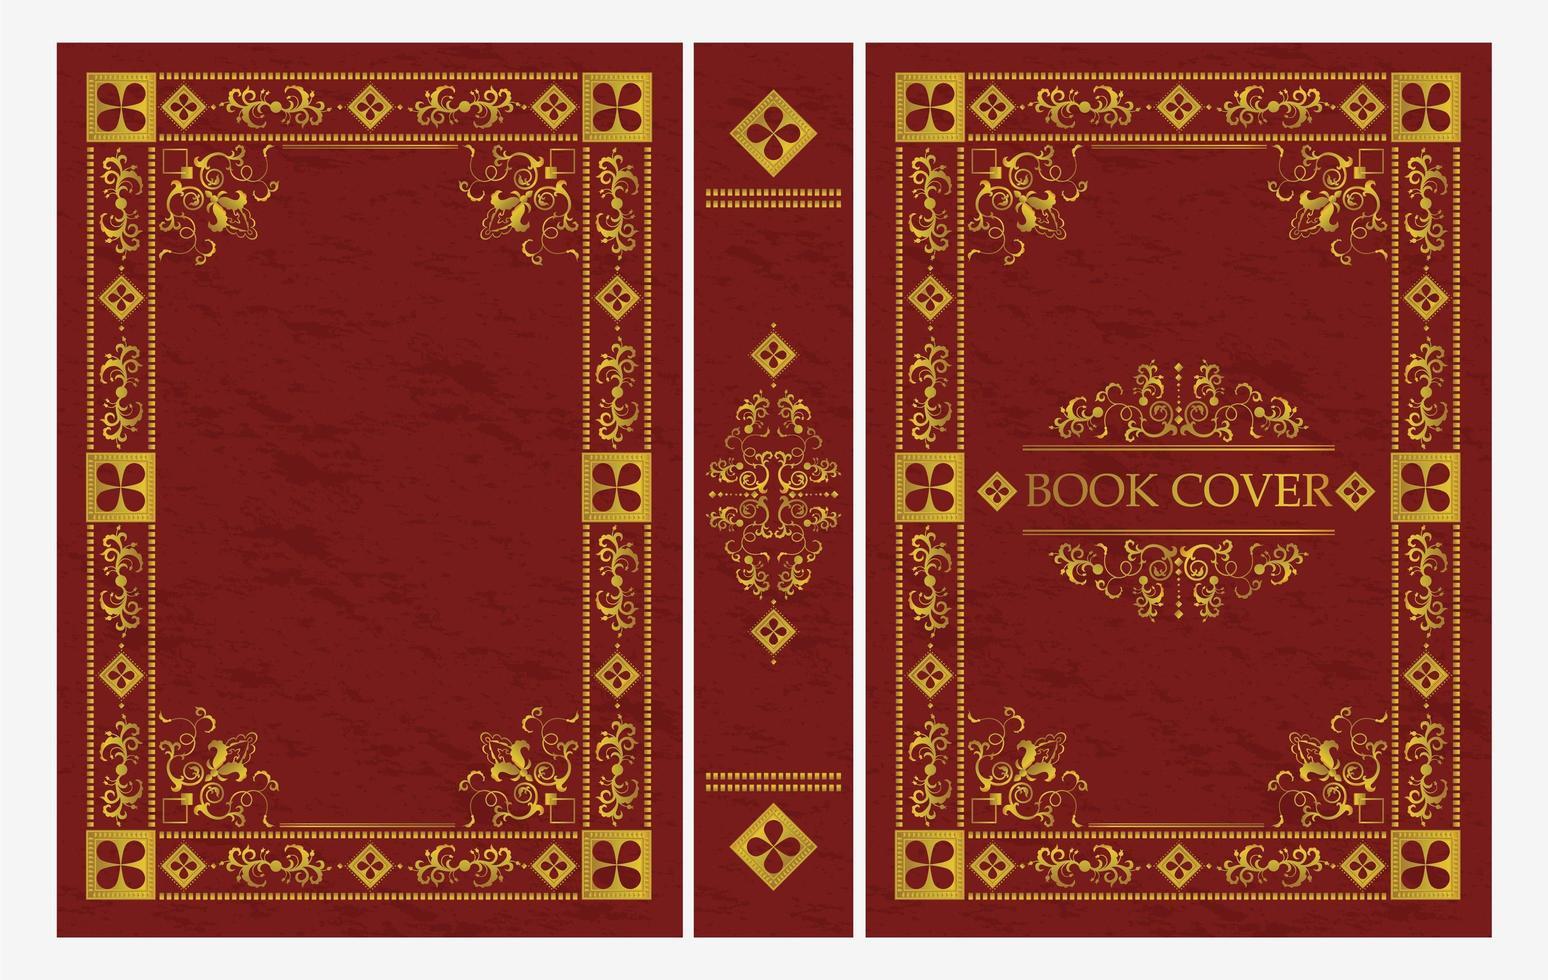 ornamental rojo y dorado de la portada del libro clásico vector